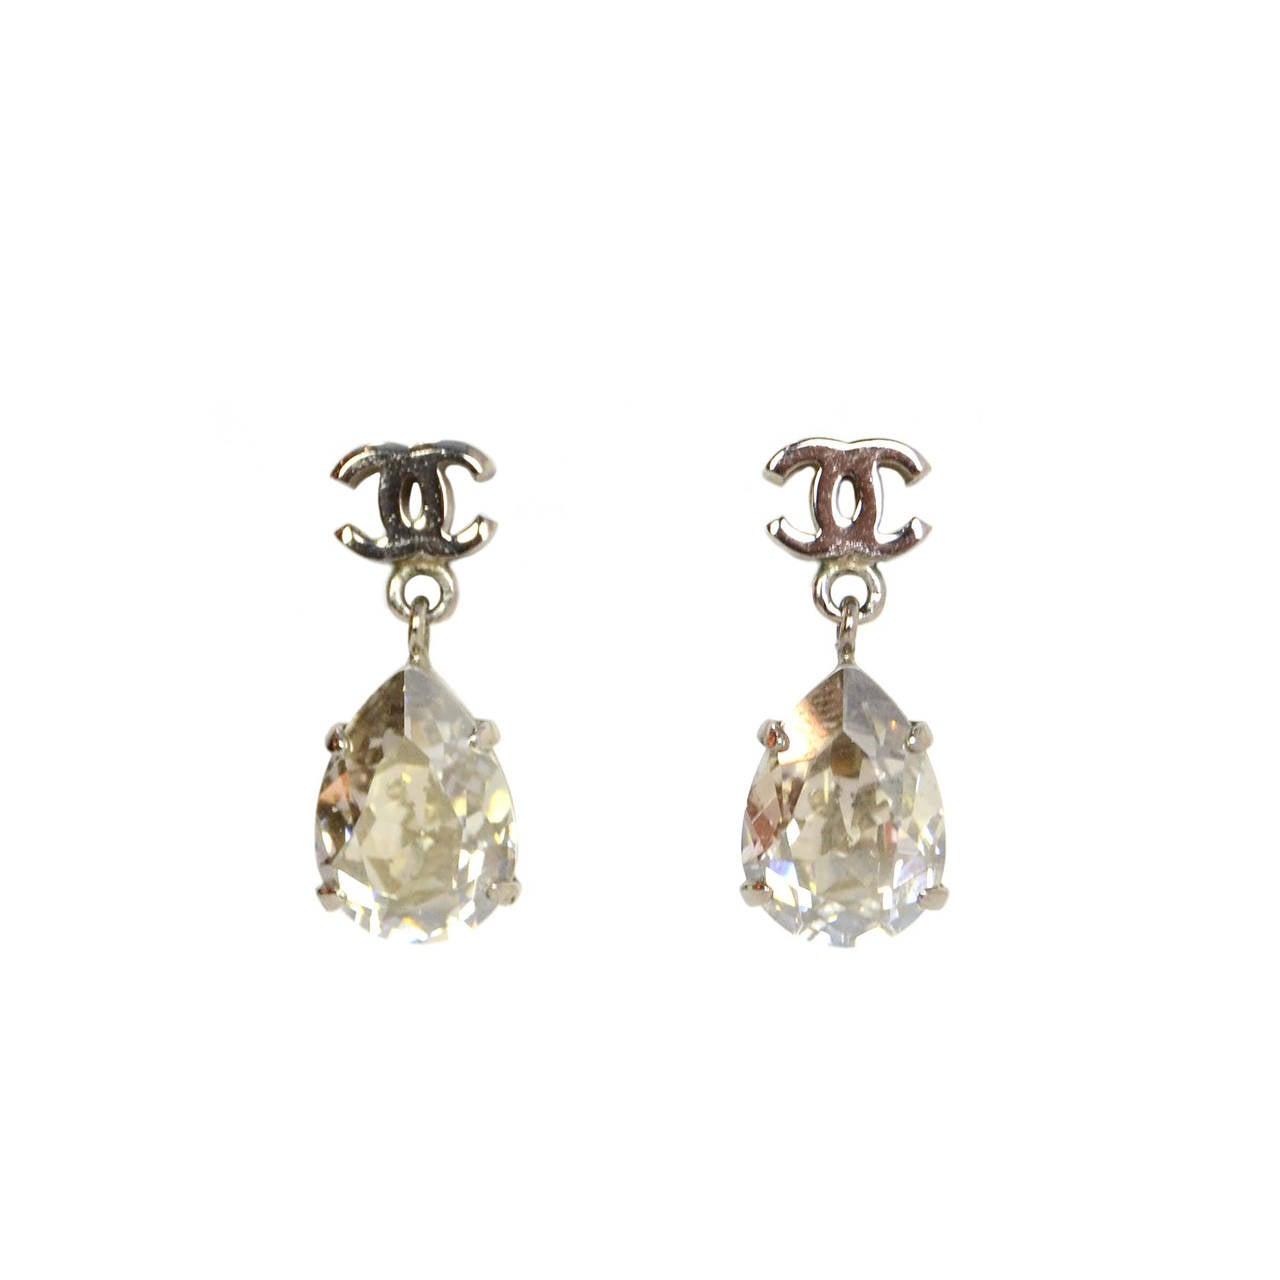 Chanel Crystal & Silver Cc Tear Drop Earrings 1